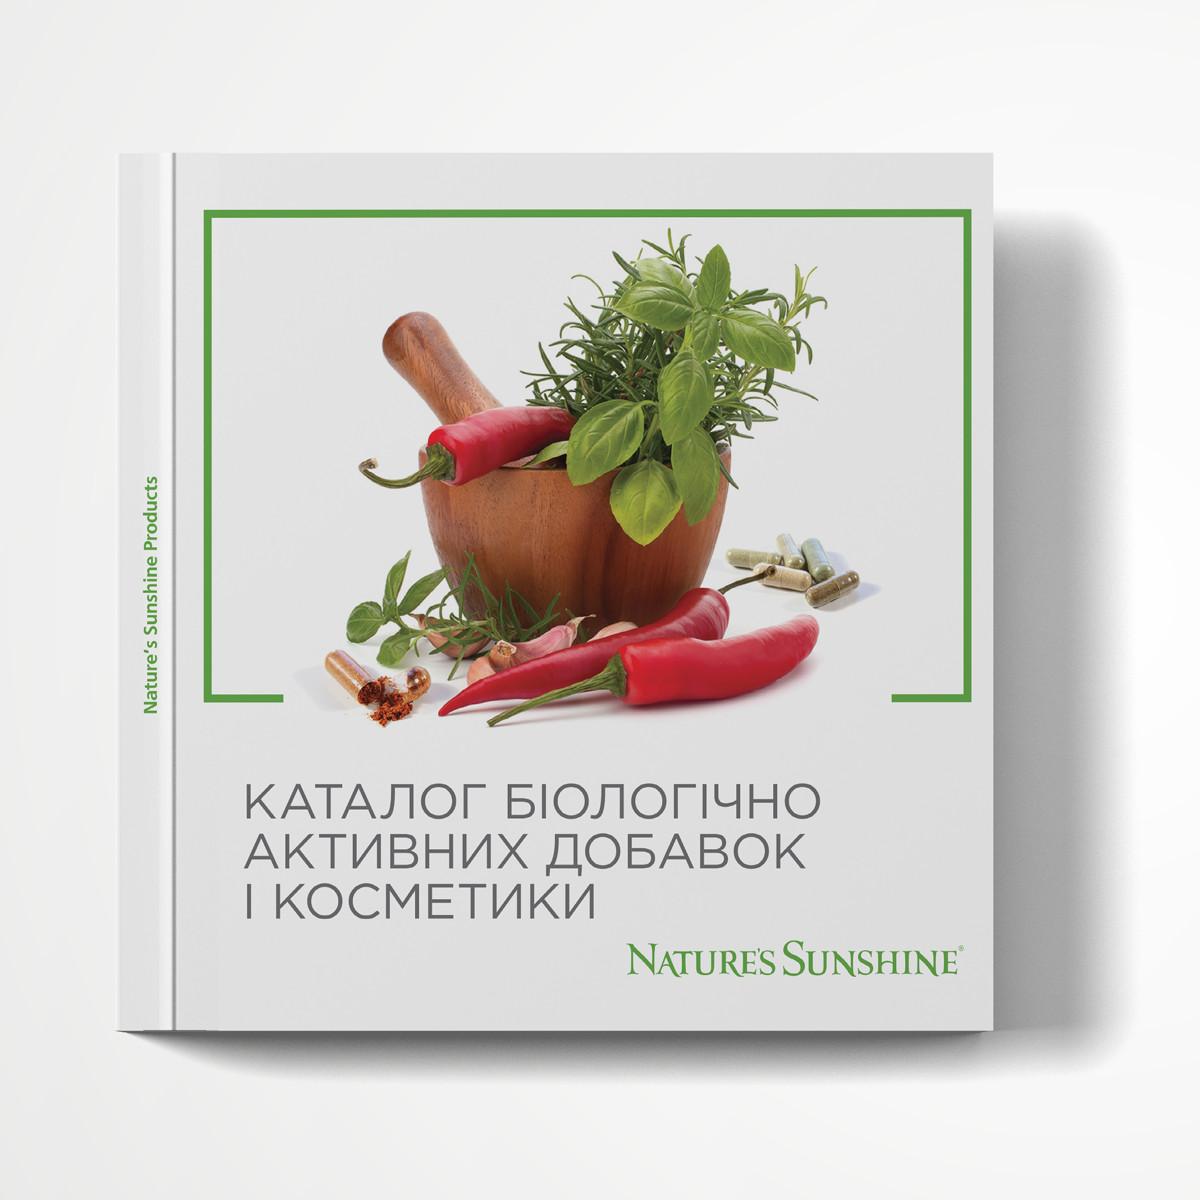 Обновленный каталог БАД и косметики NSP (украинский язык)